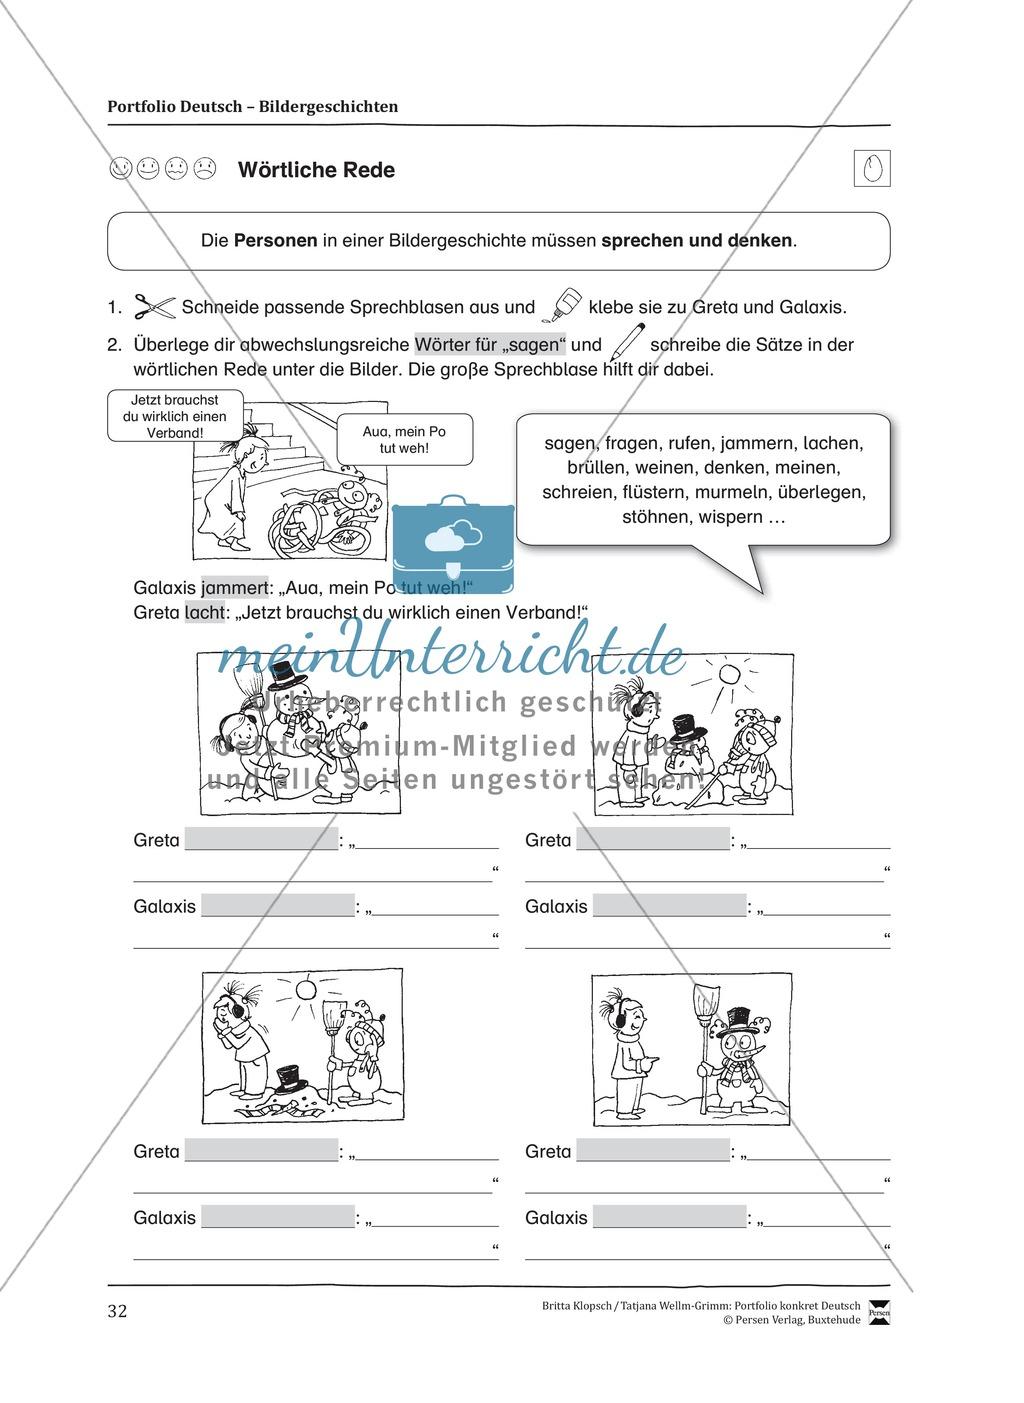 Kopiervorlagen für Aufsatzerziehung am Beispiel Bildergeschichte Preview 24